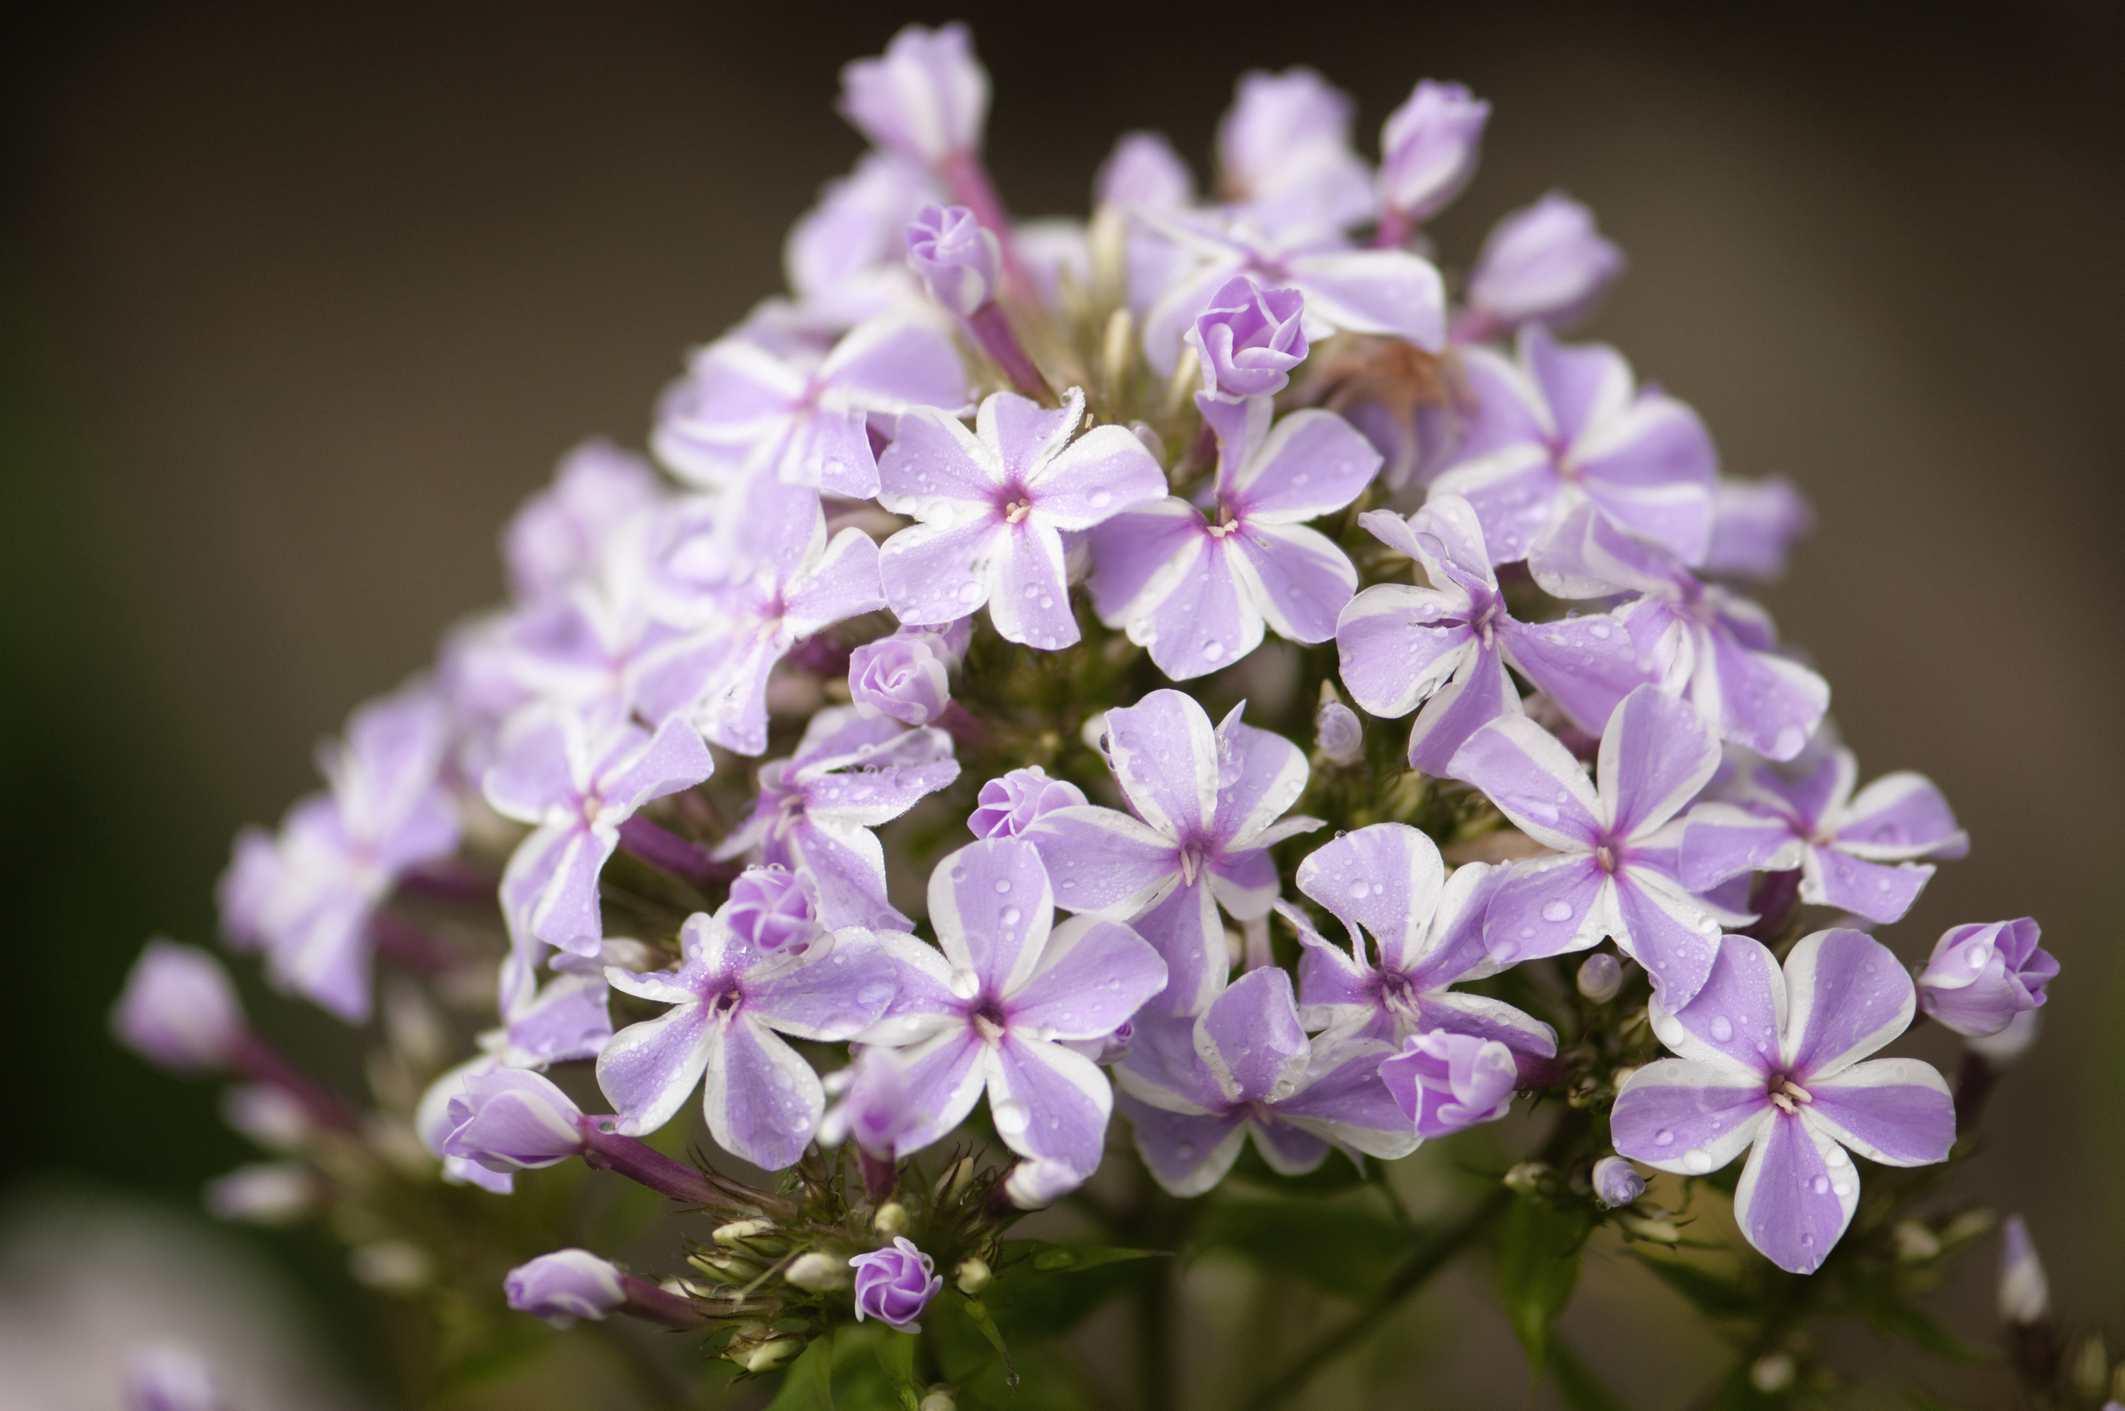 Closeup of flower head of 'Natascha' tall garden phlox.